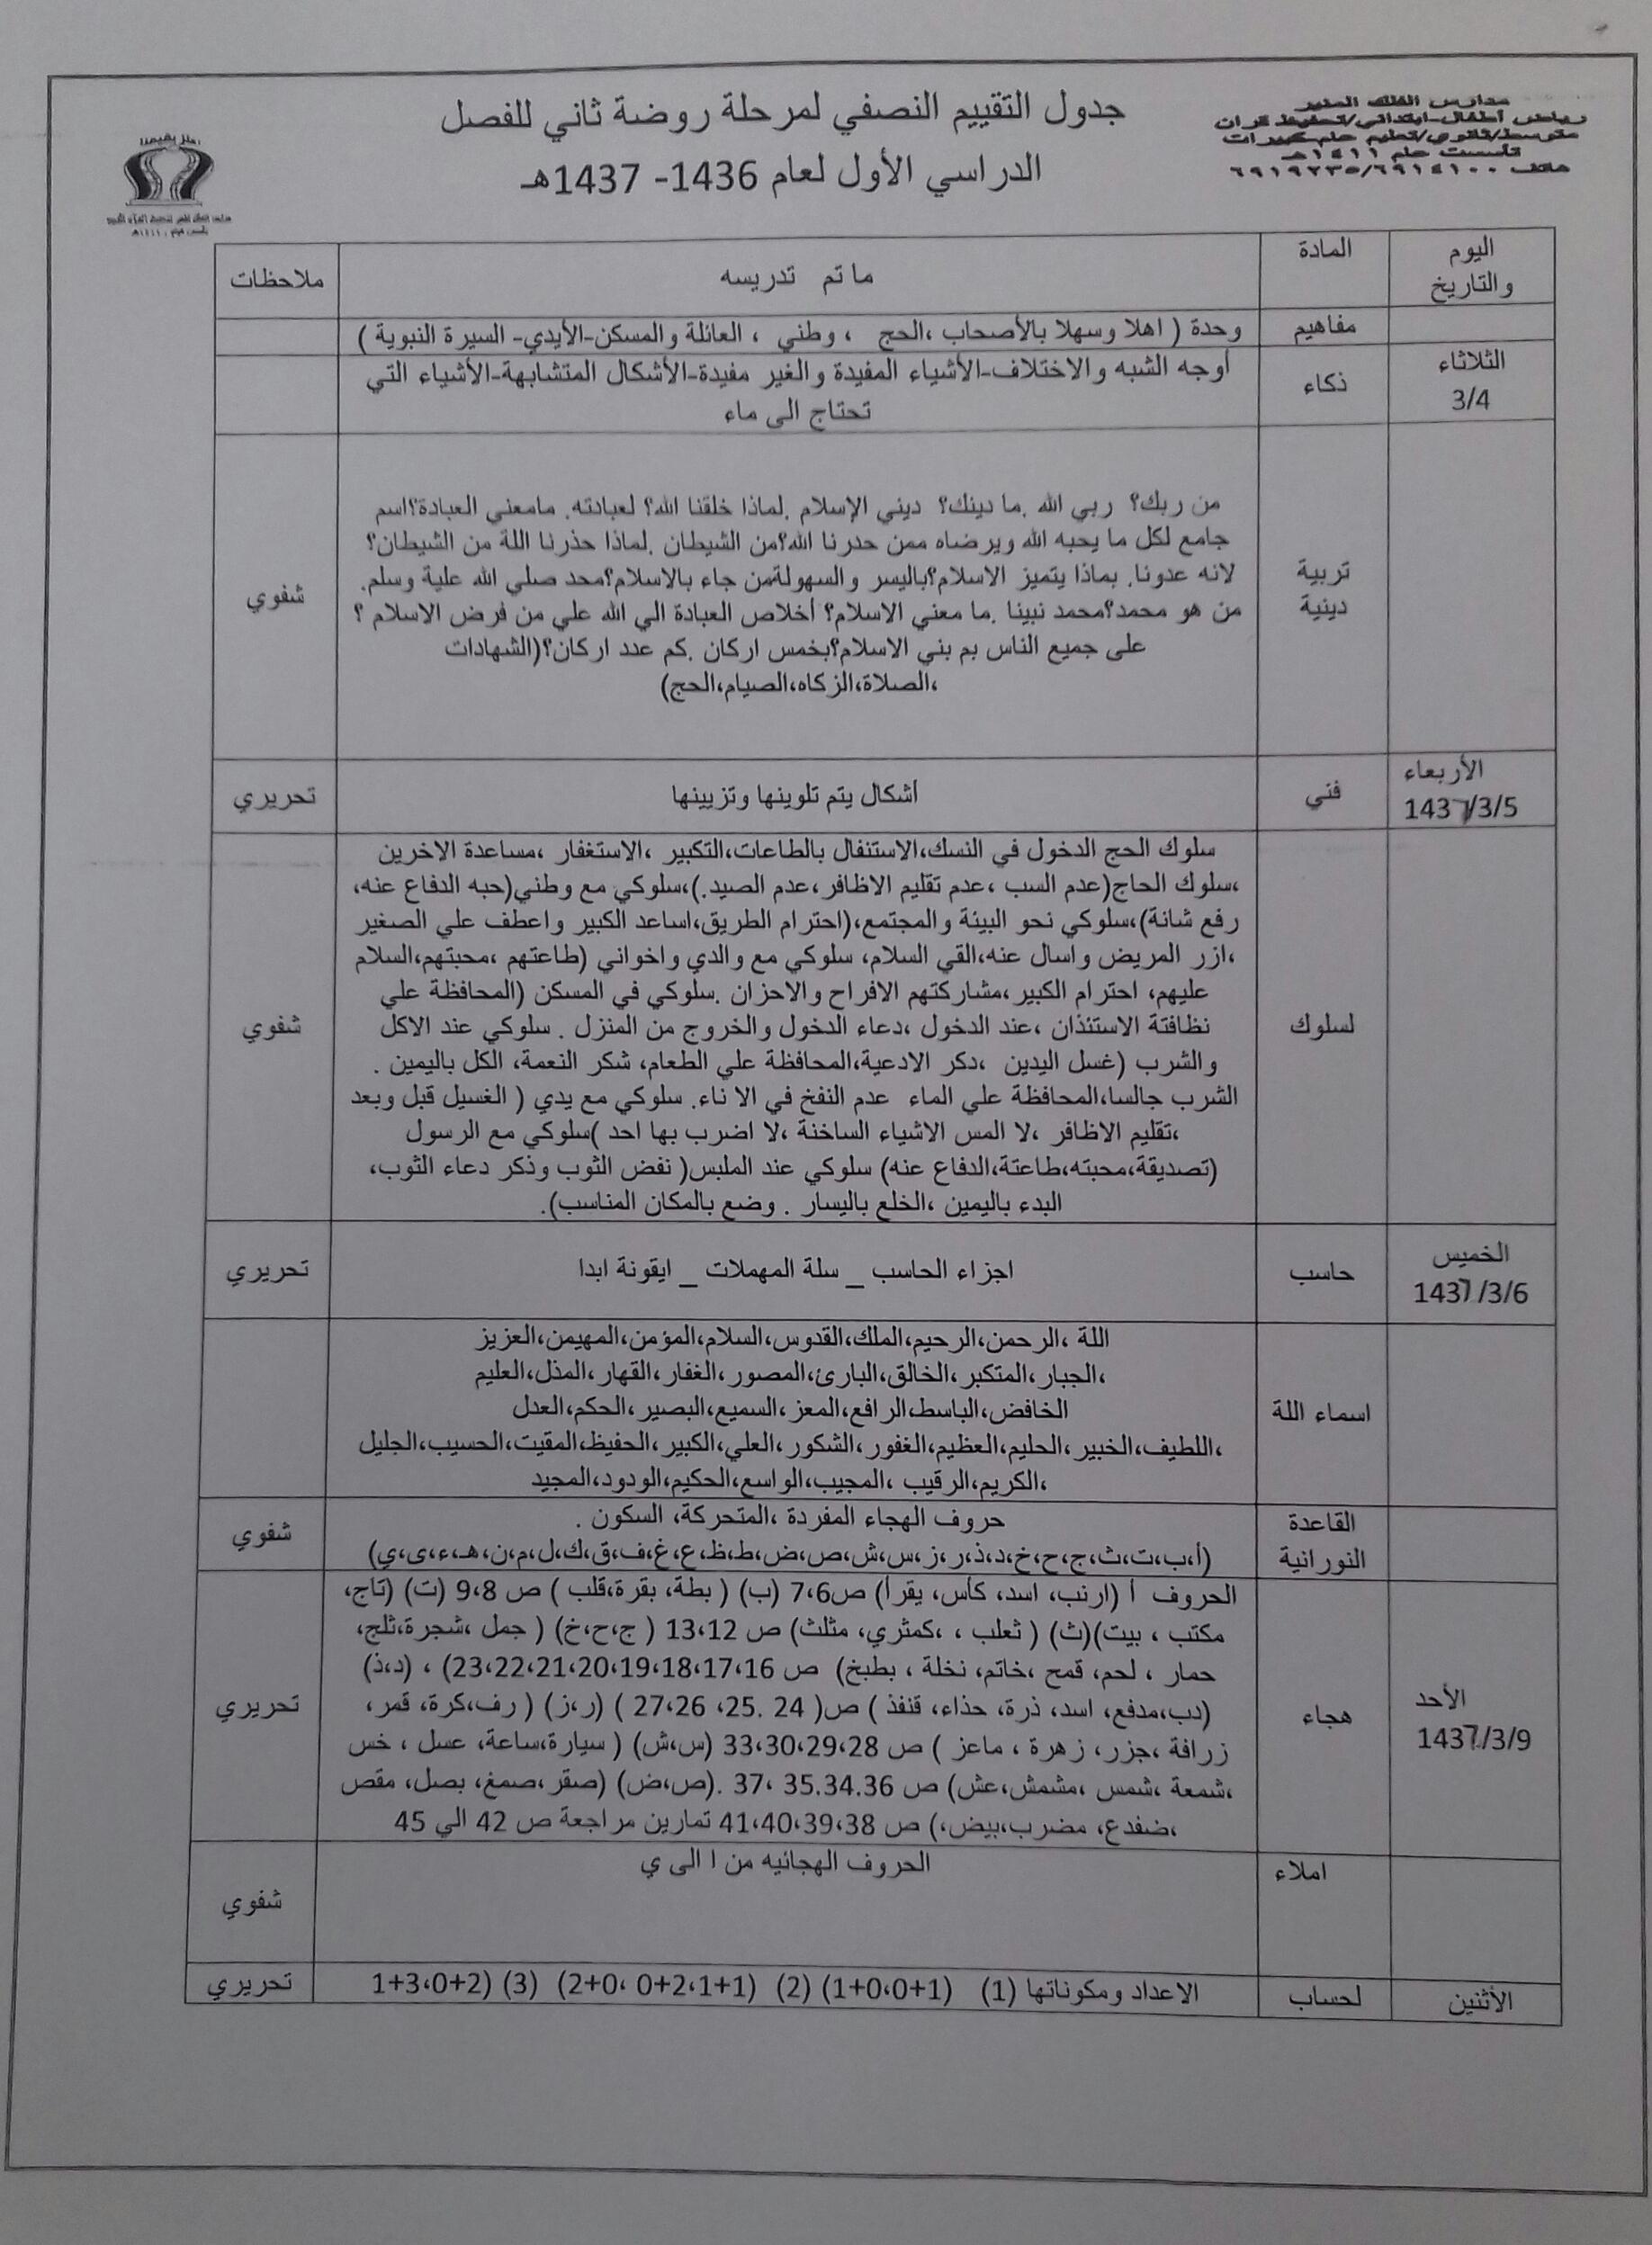 جداول التقيم النصفي لمرحلة رياض الأطفال للفصل الدراسي الأول لعـ36-37ـــام هـ